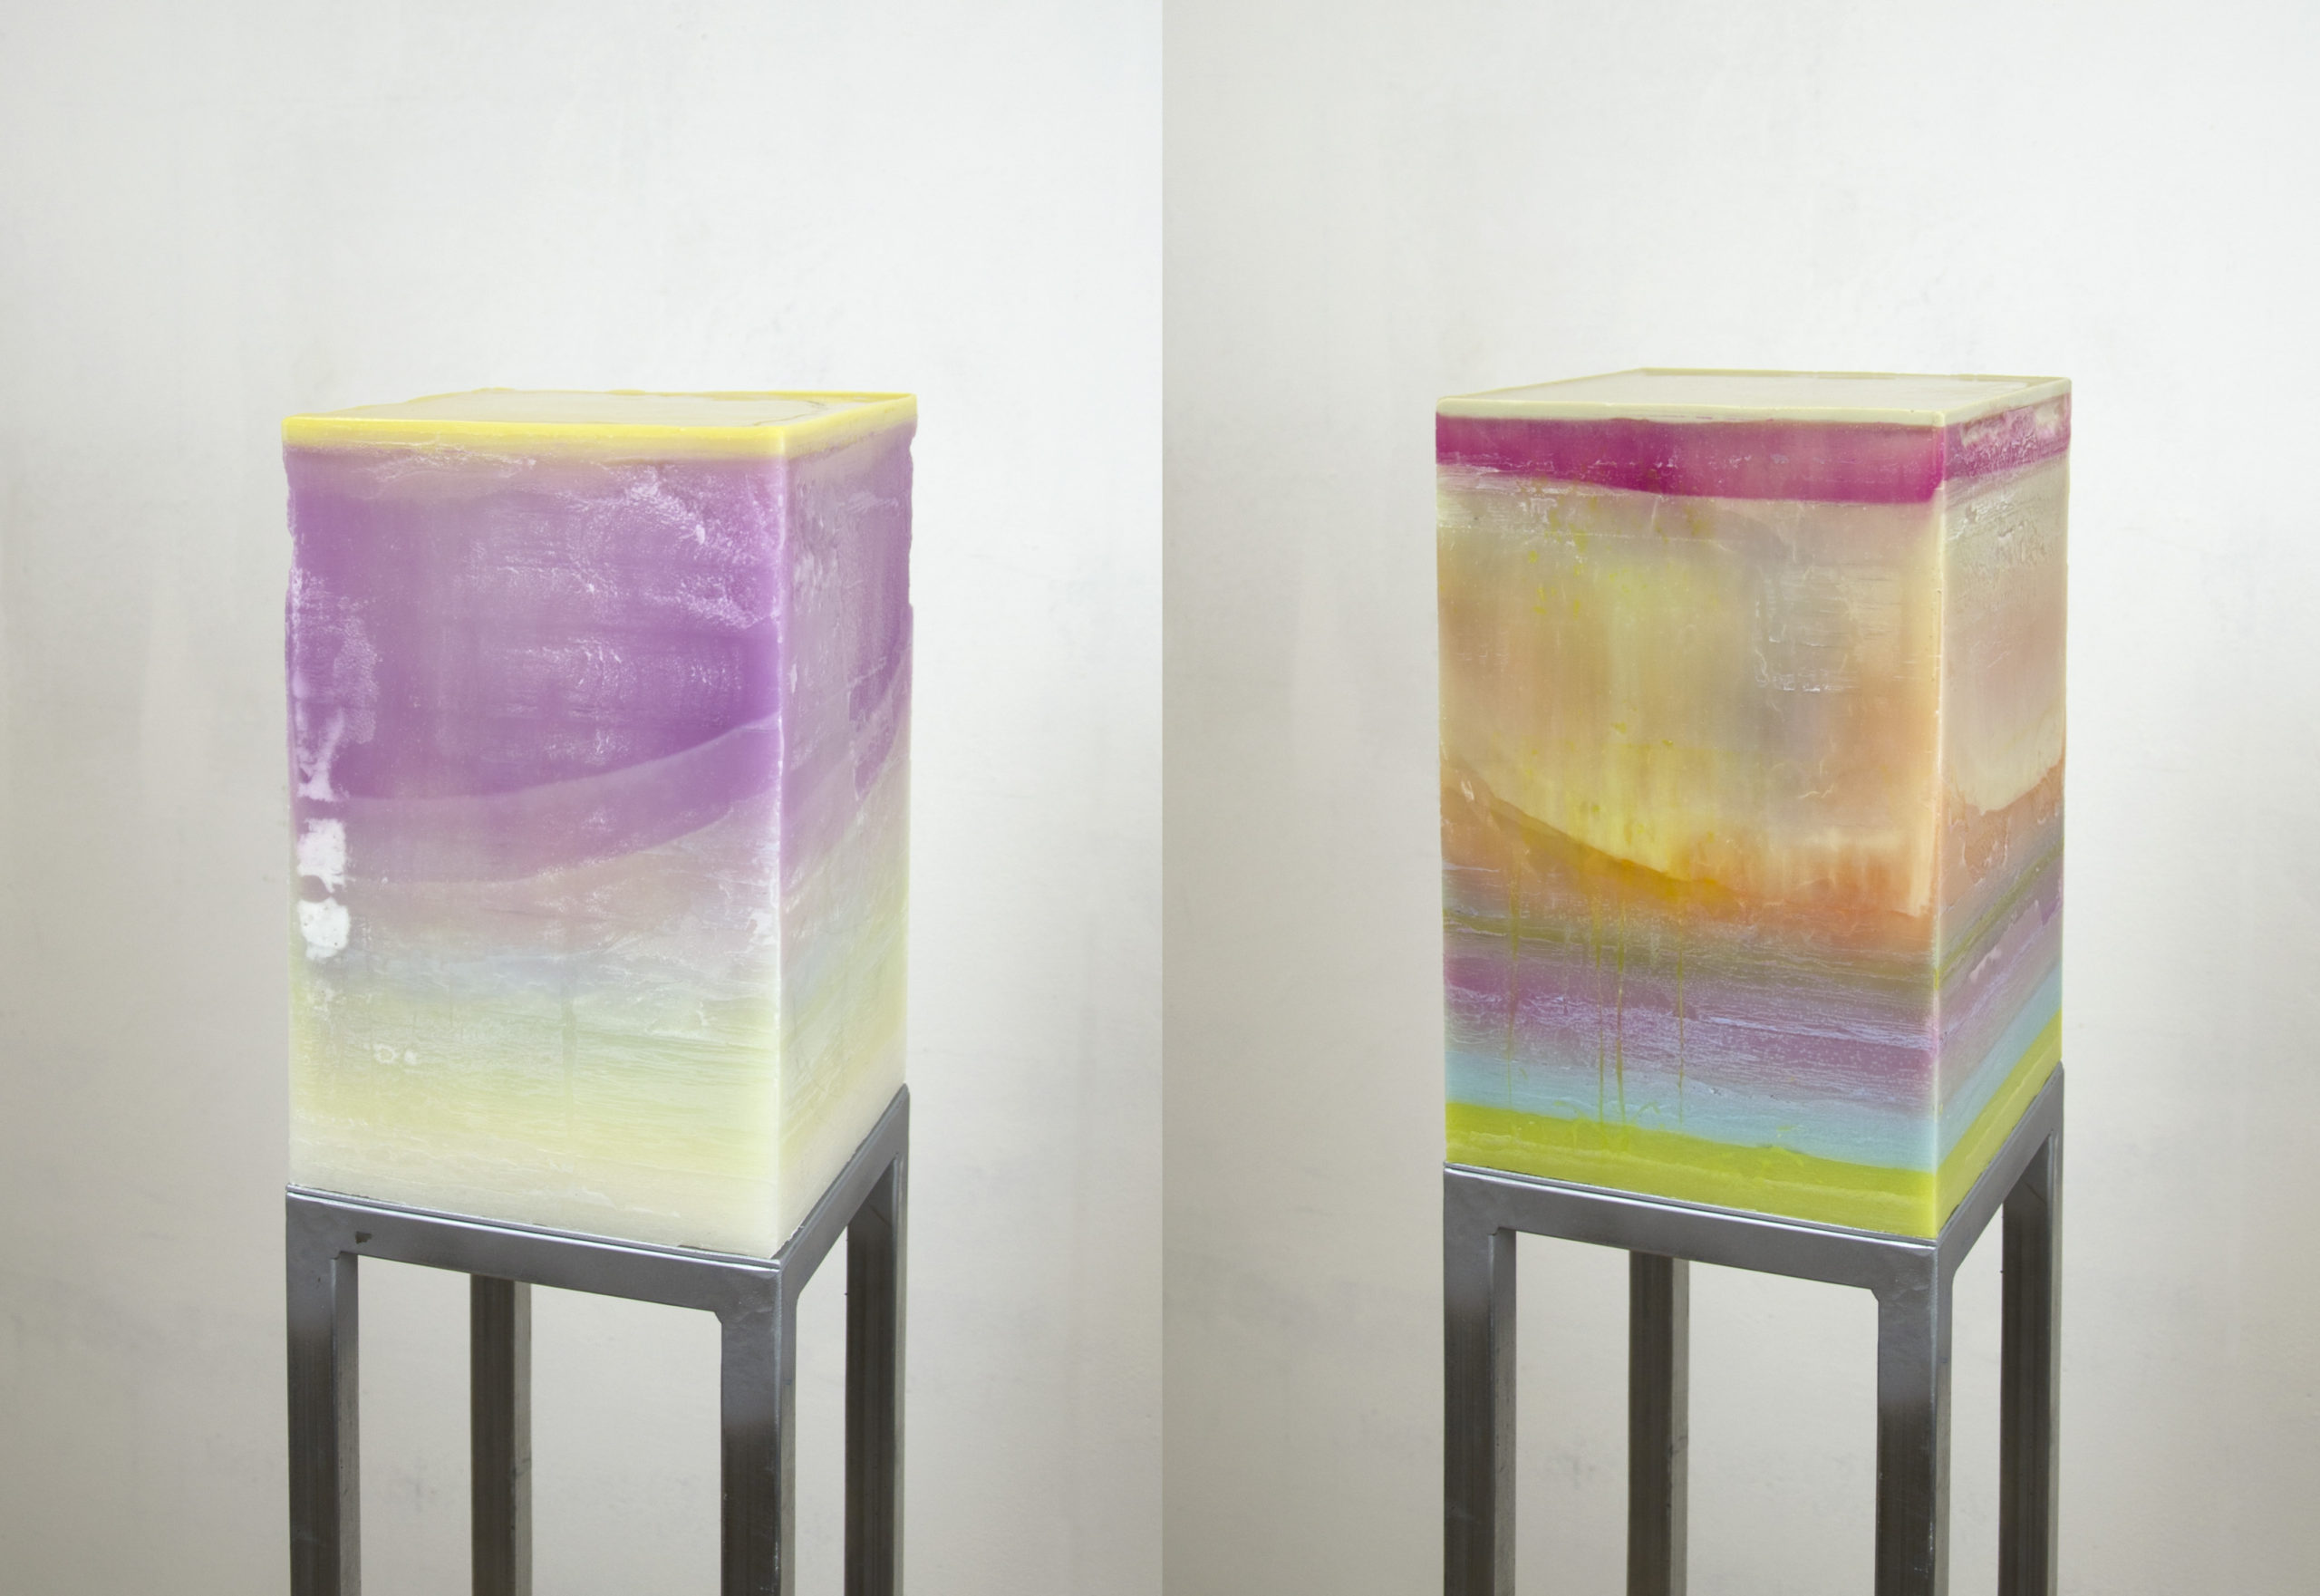 Honey Boxes. Cubes. Details.